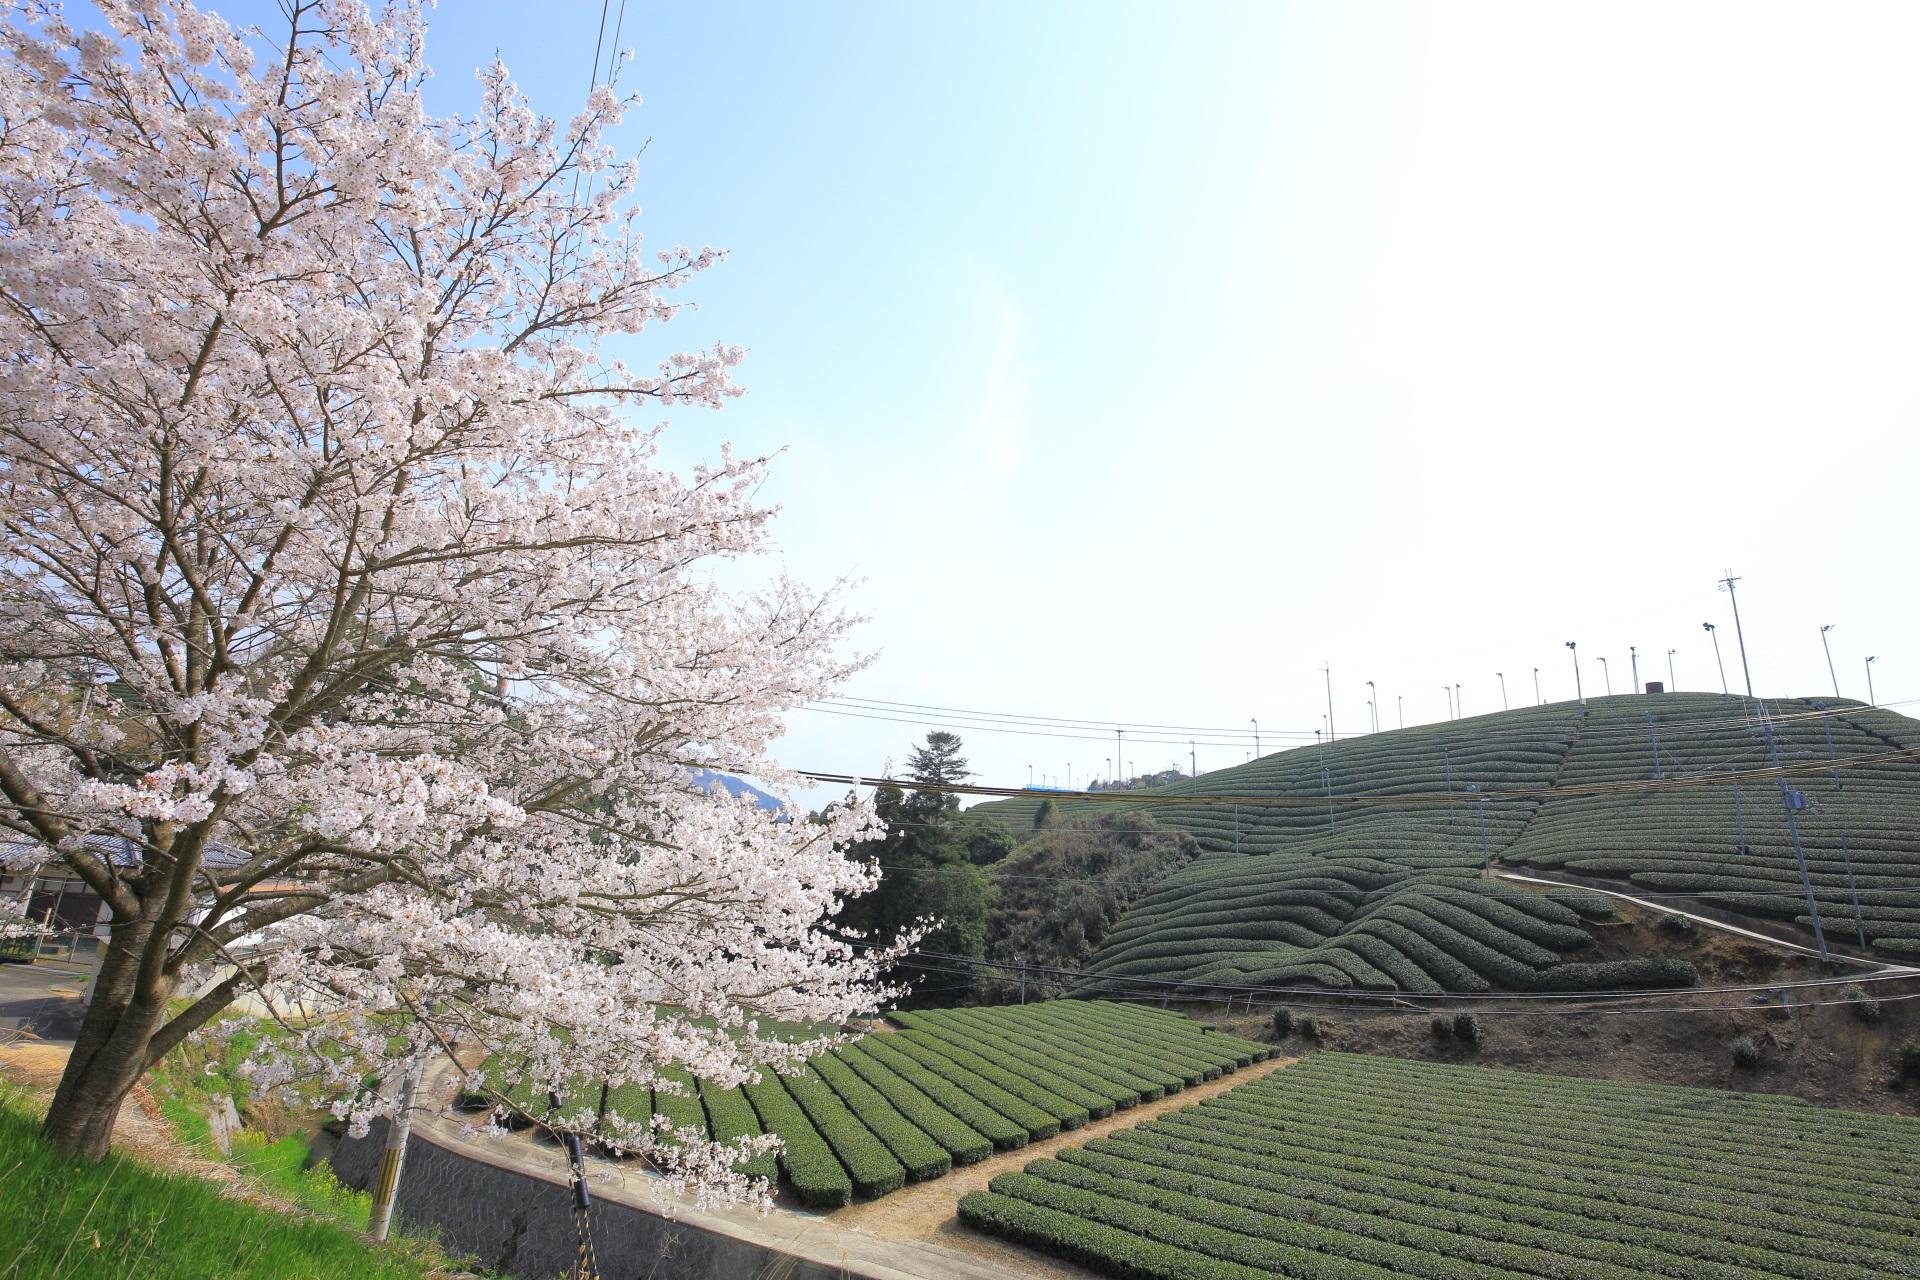 和束町の白栖から石寺の間の桜